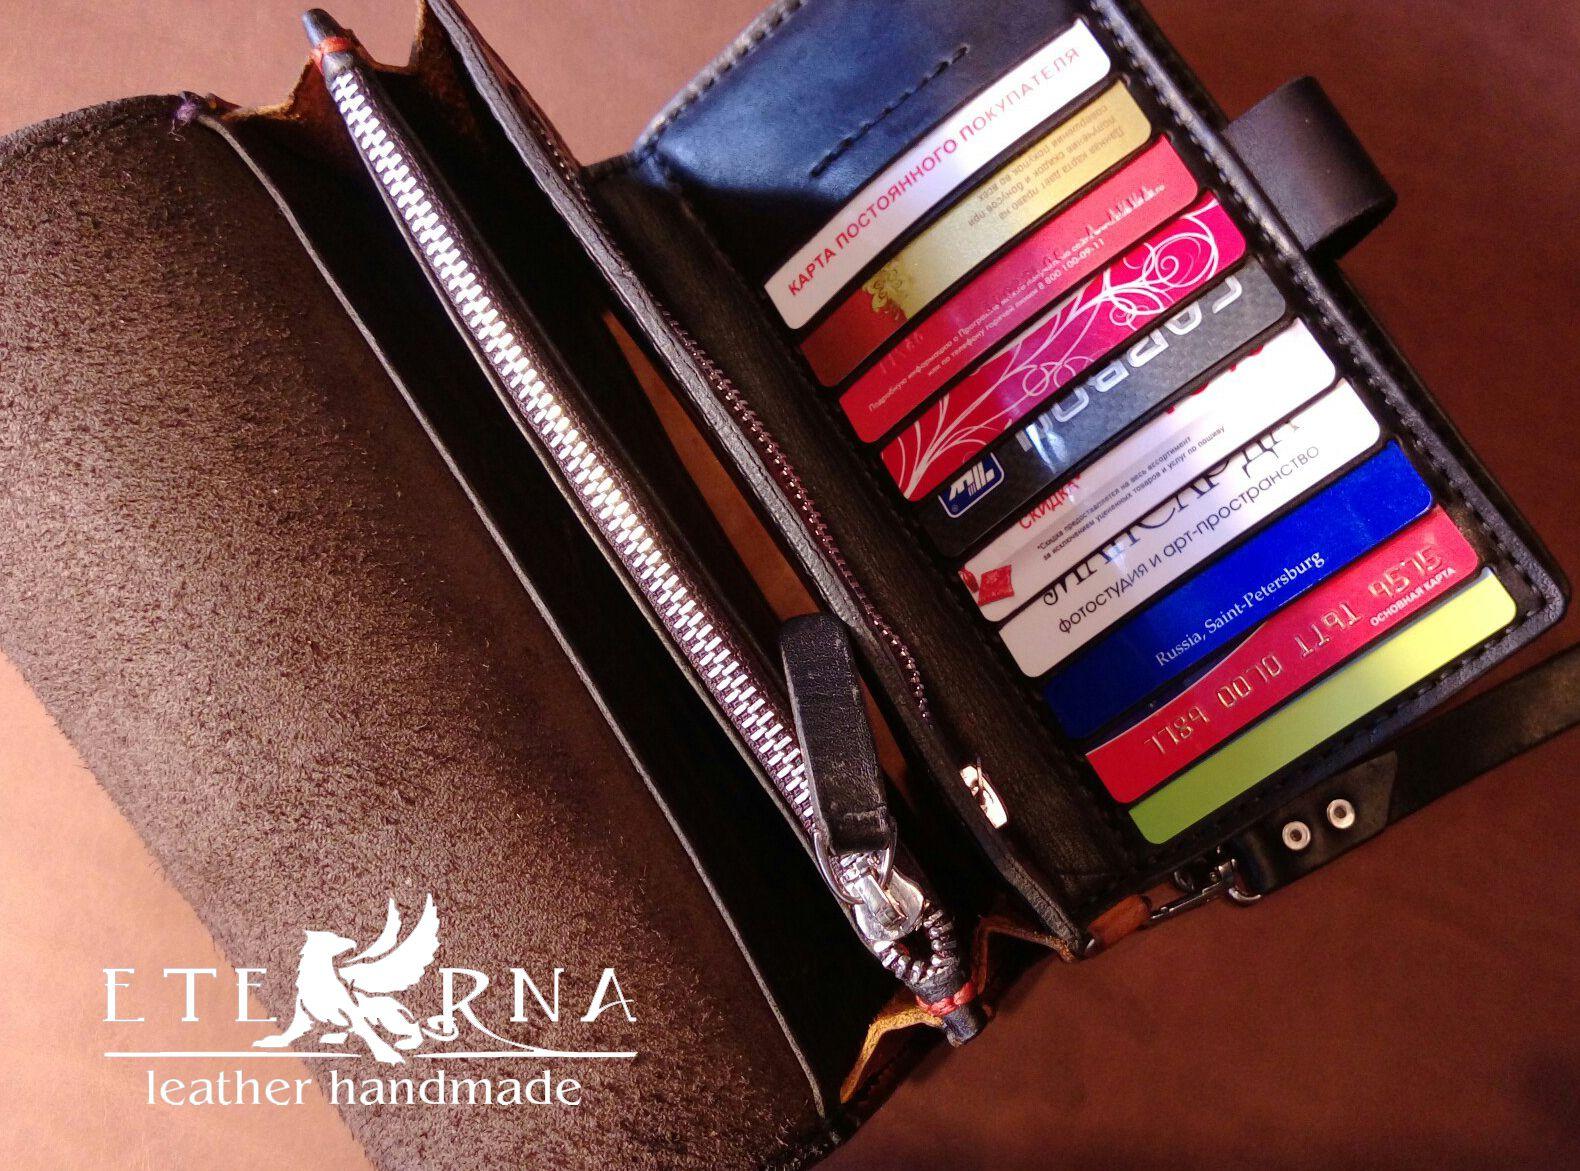 eathercraft изделияизкожи leater кошелек портмоне браслет картхолдер eterna назаказ сумки клатч сумкамужская держательдлякупюр